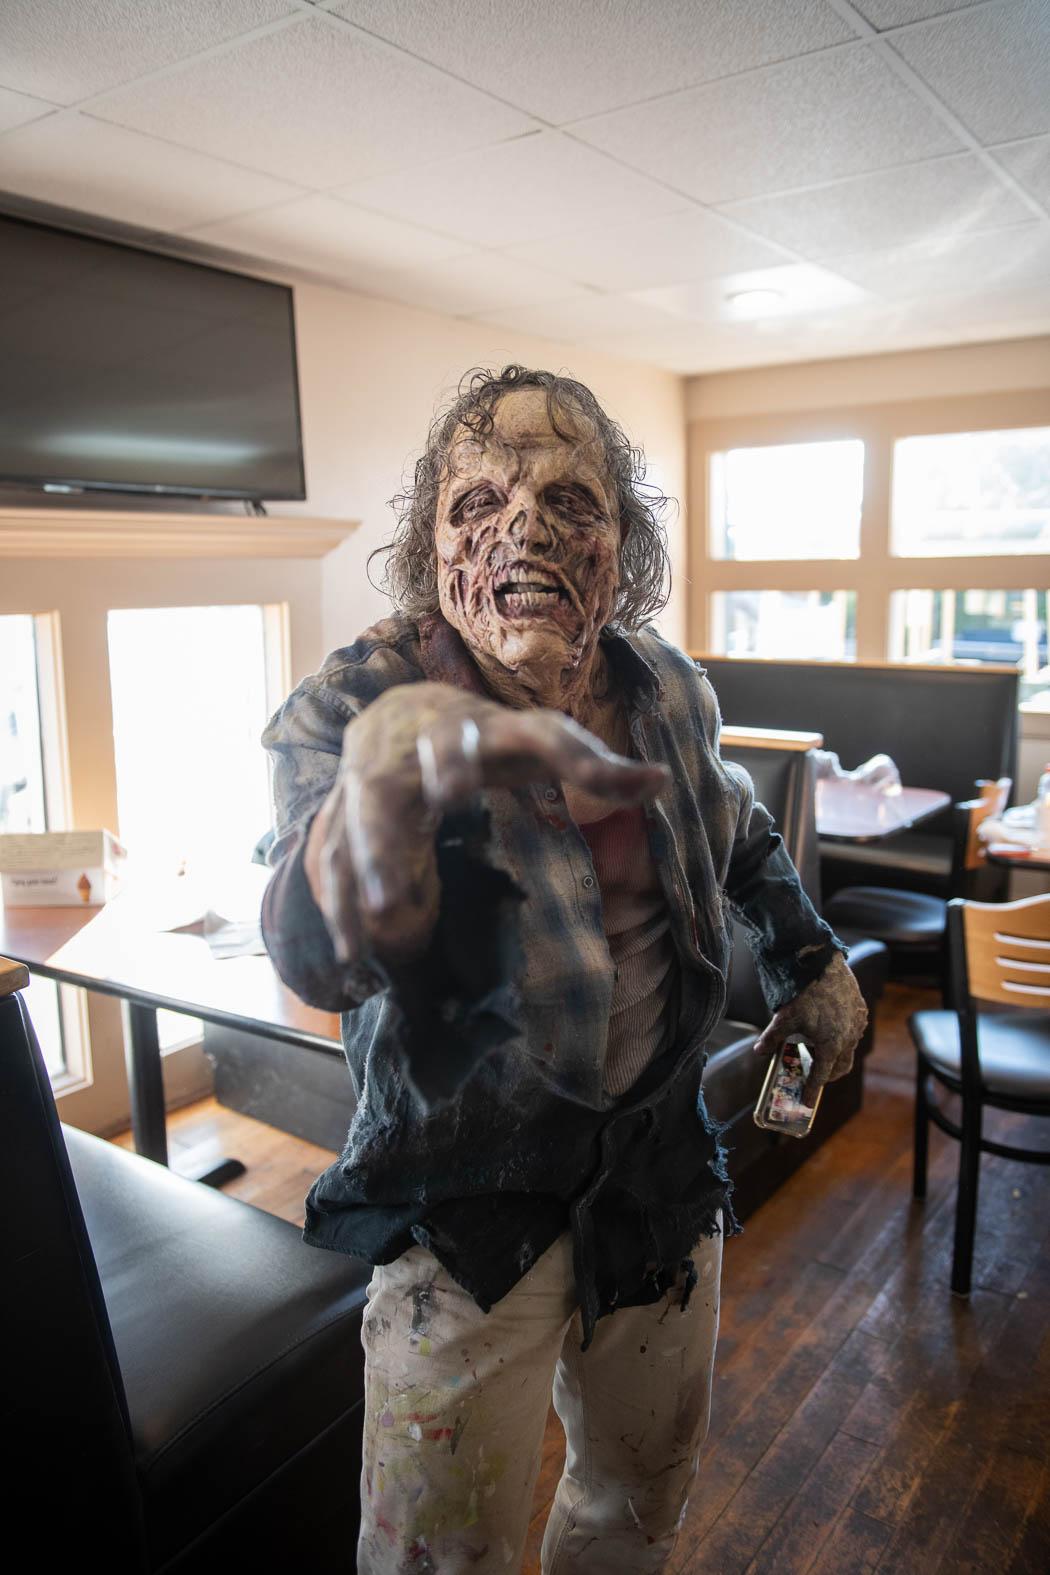 Zombie Coming Toward You